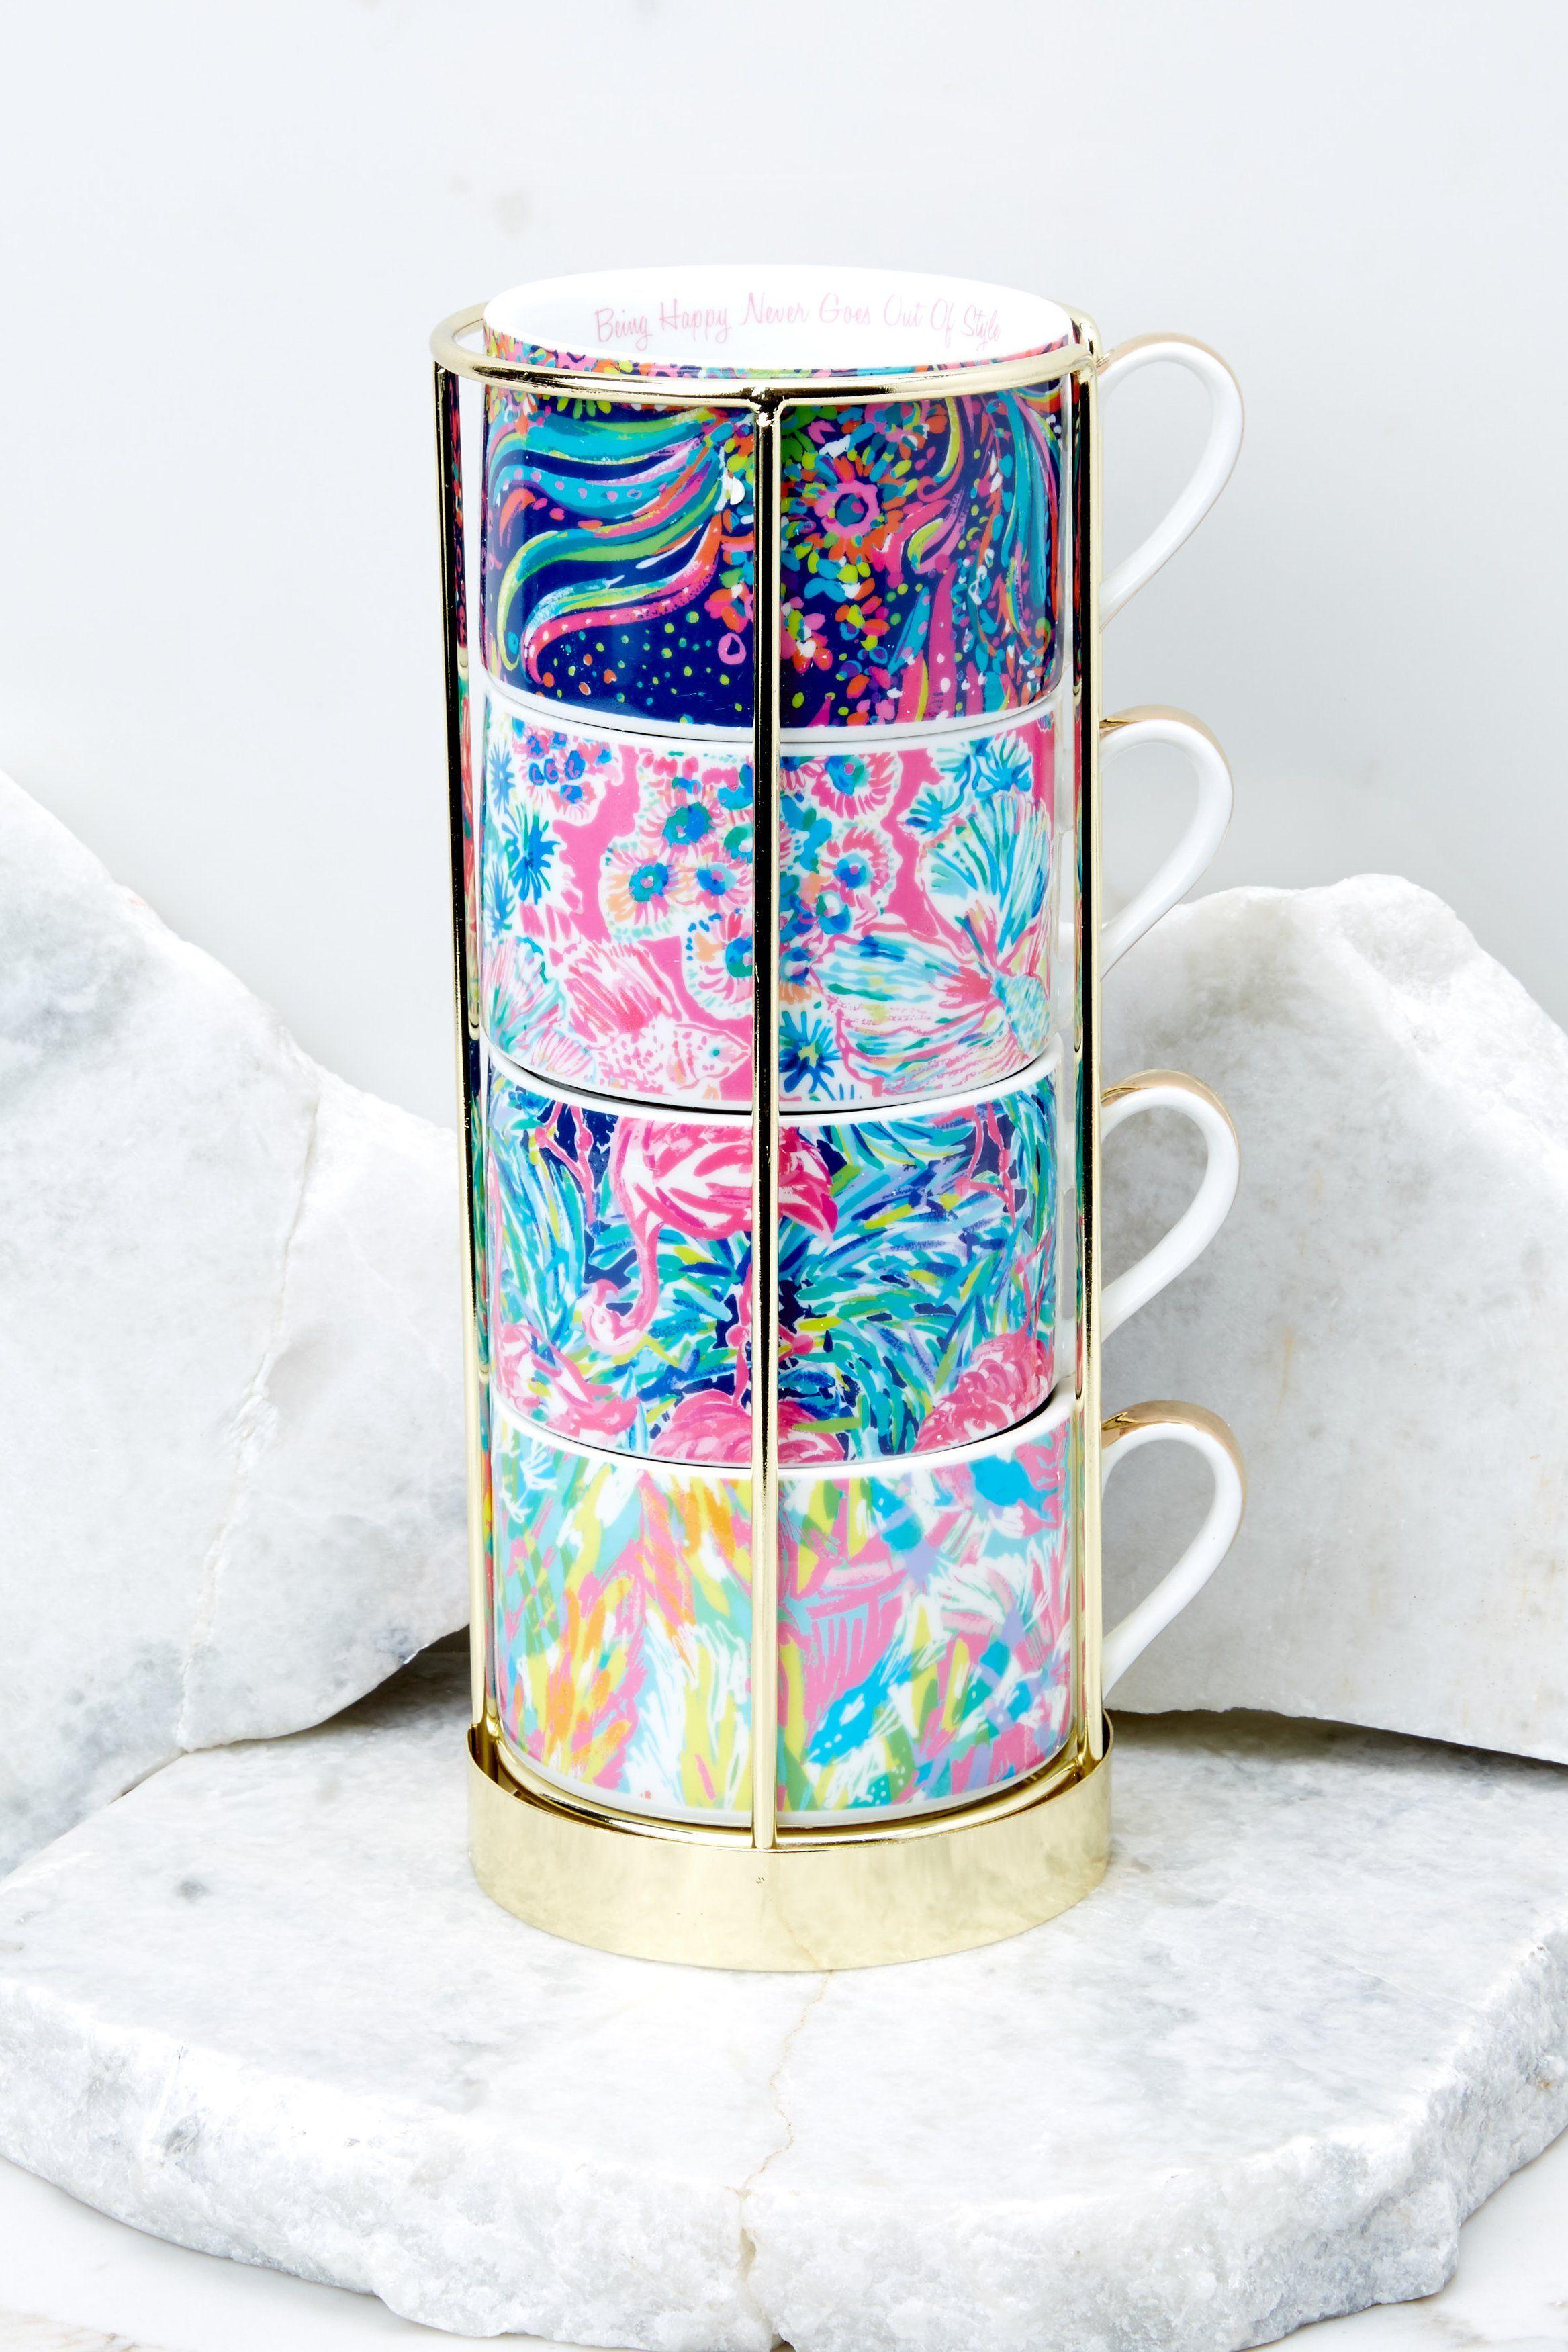 Lilly pulitzer cappuccino mug set mugs set mugs